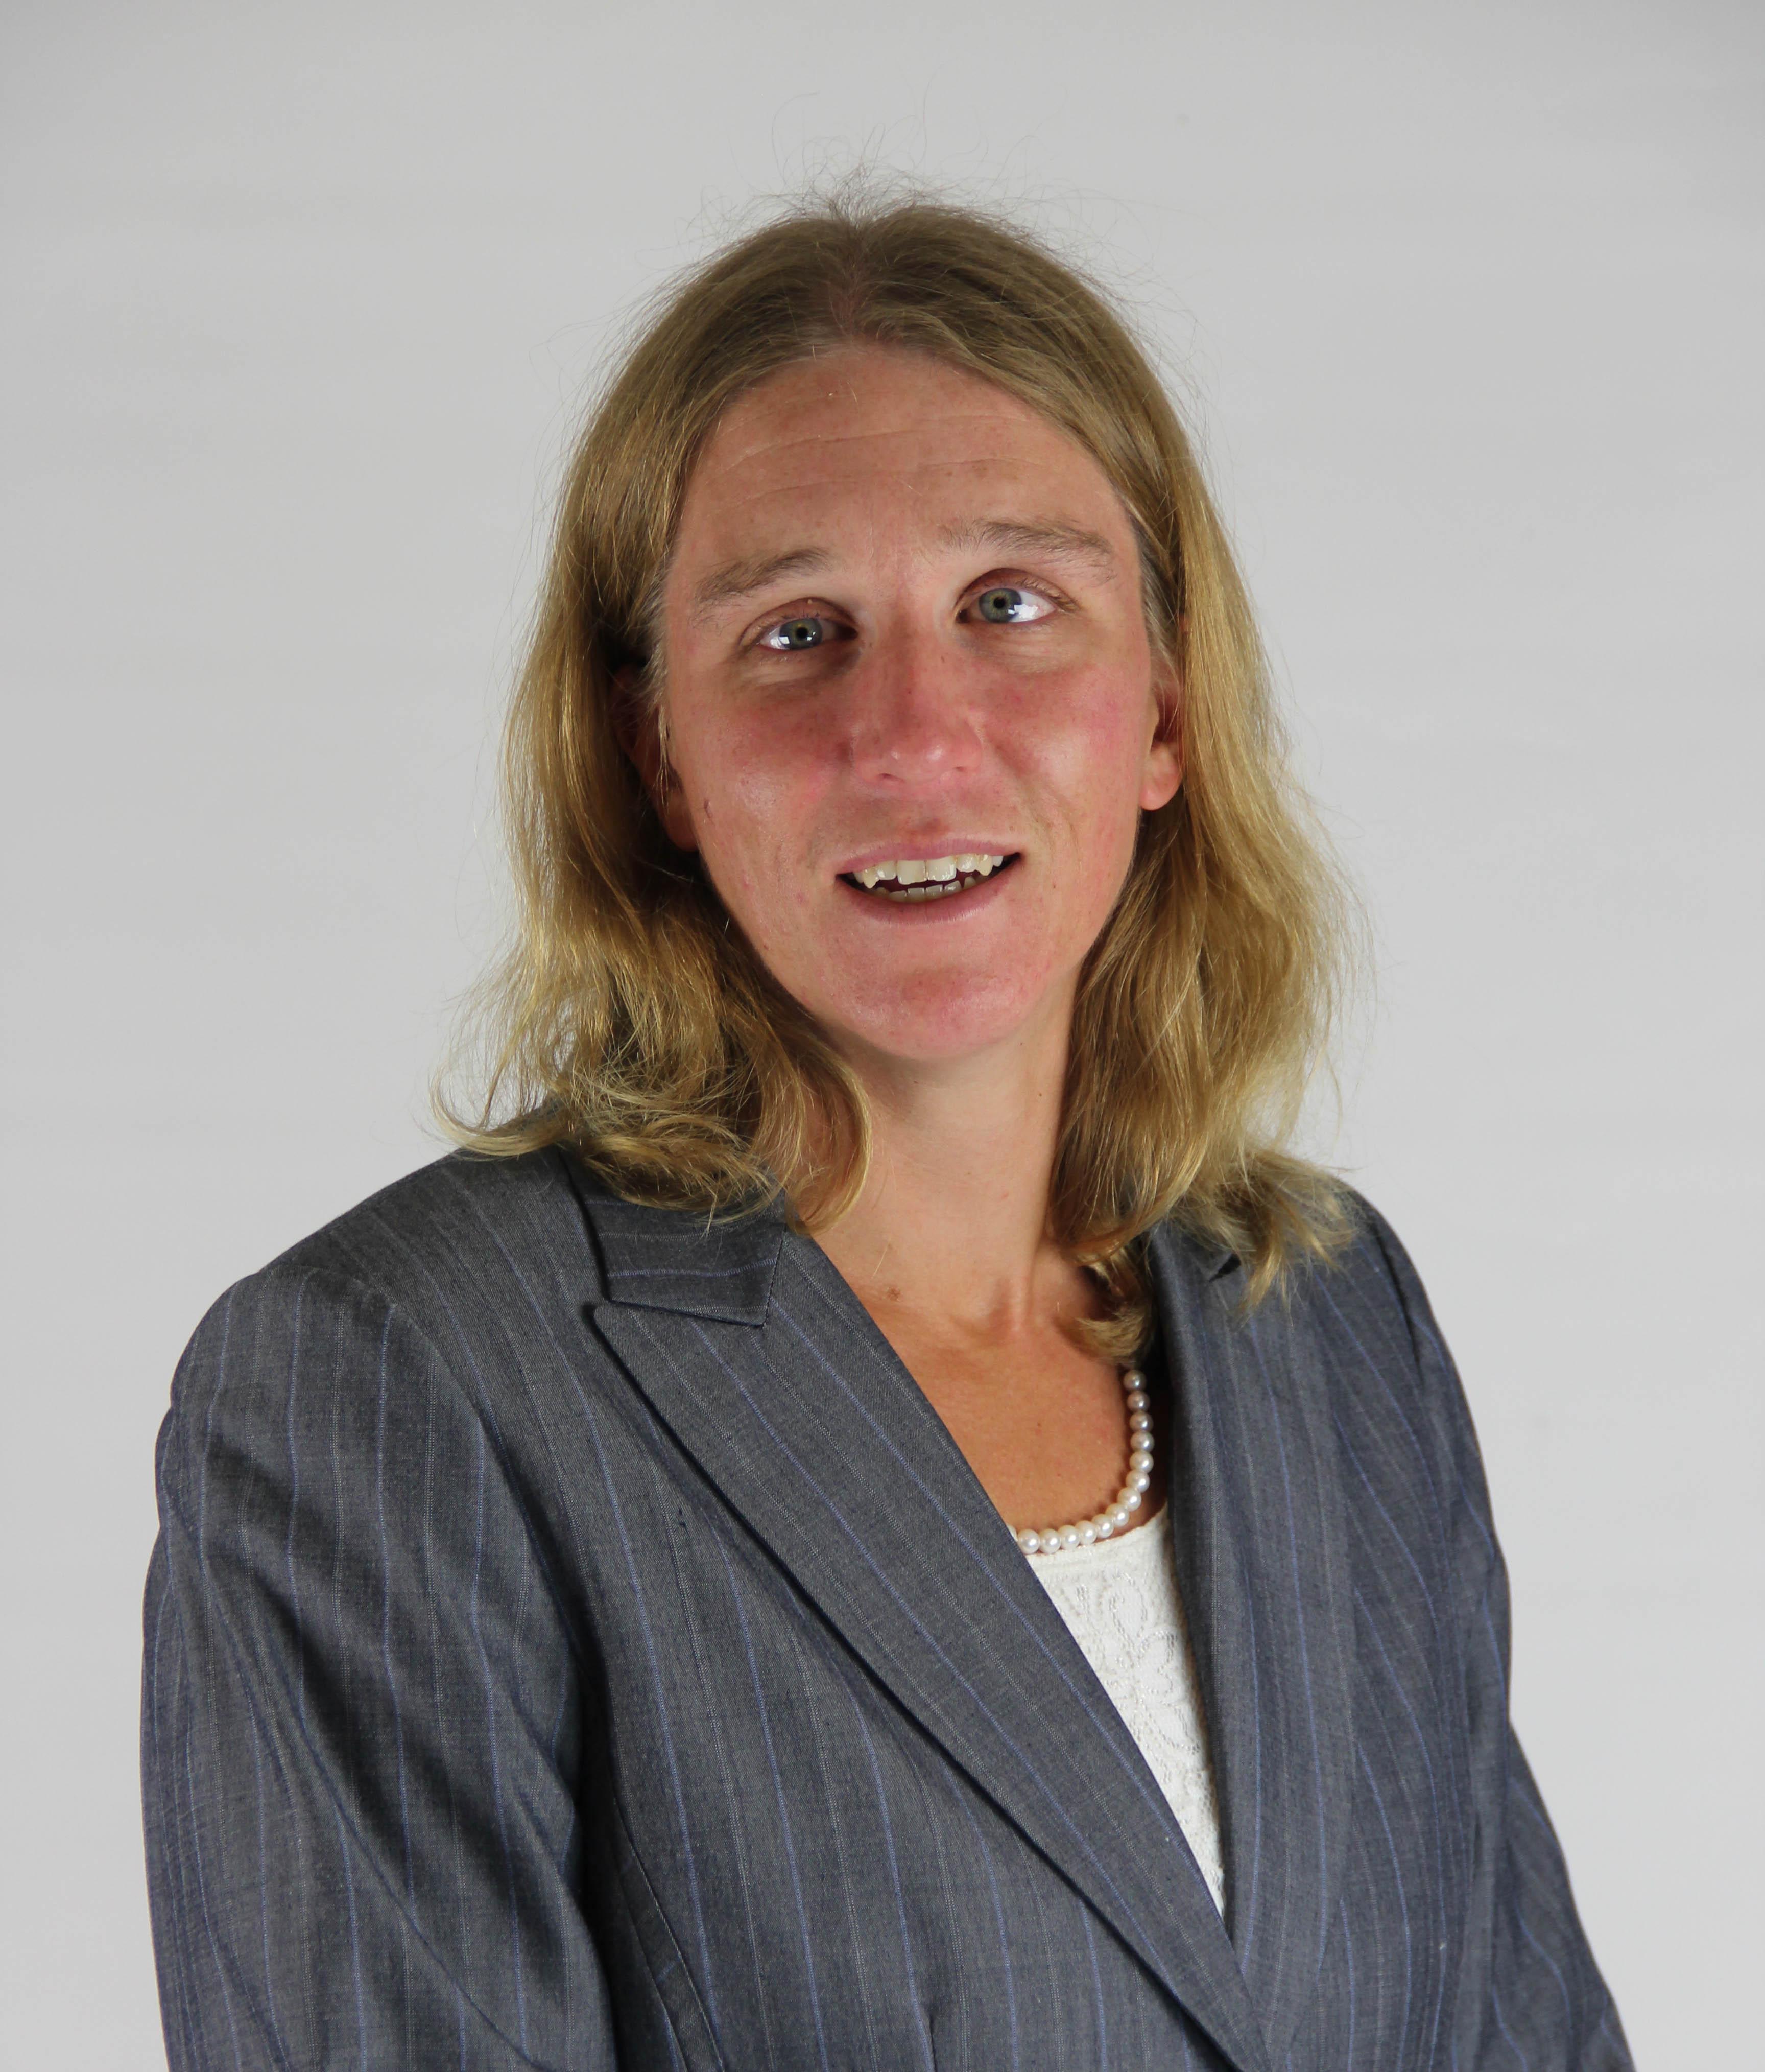 Leah Murray